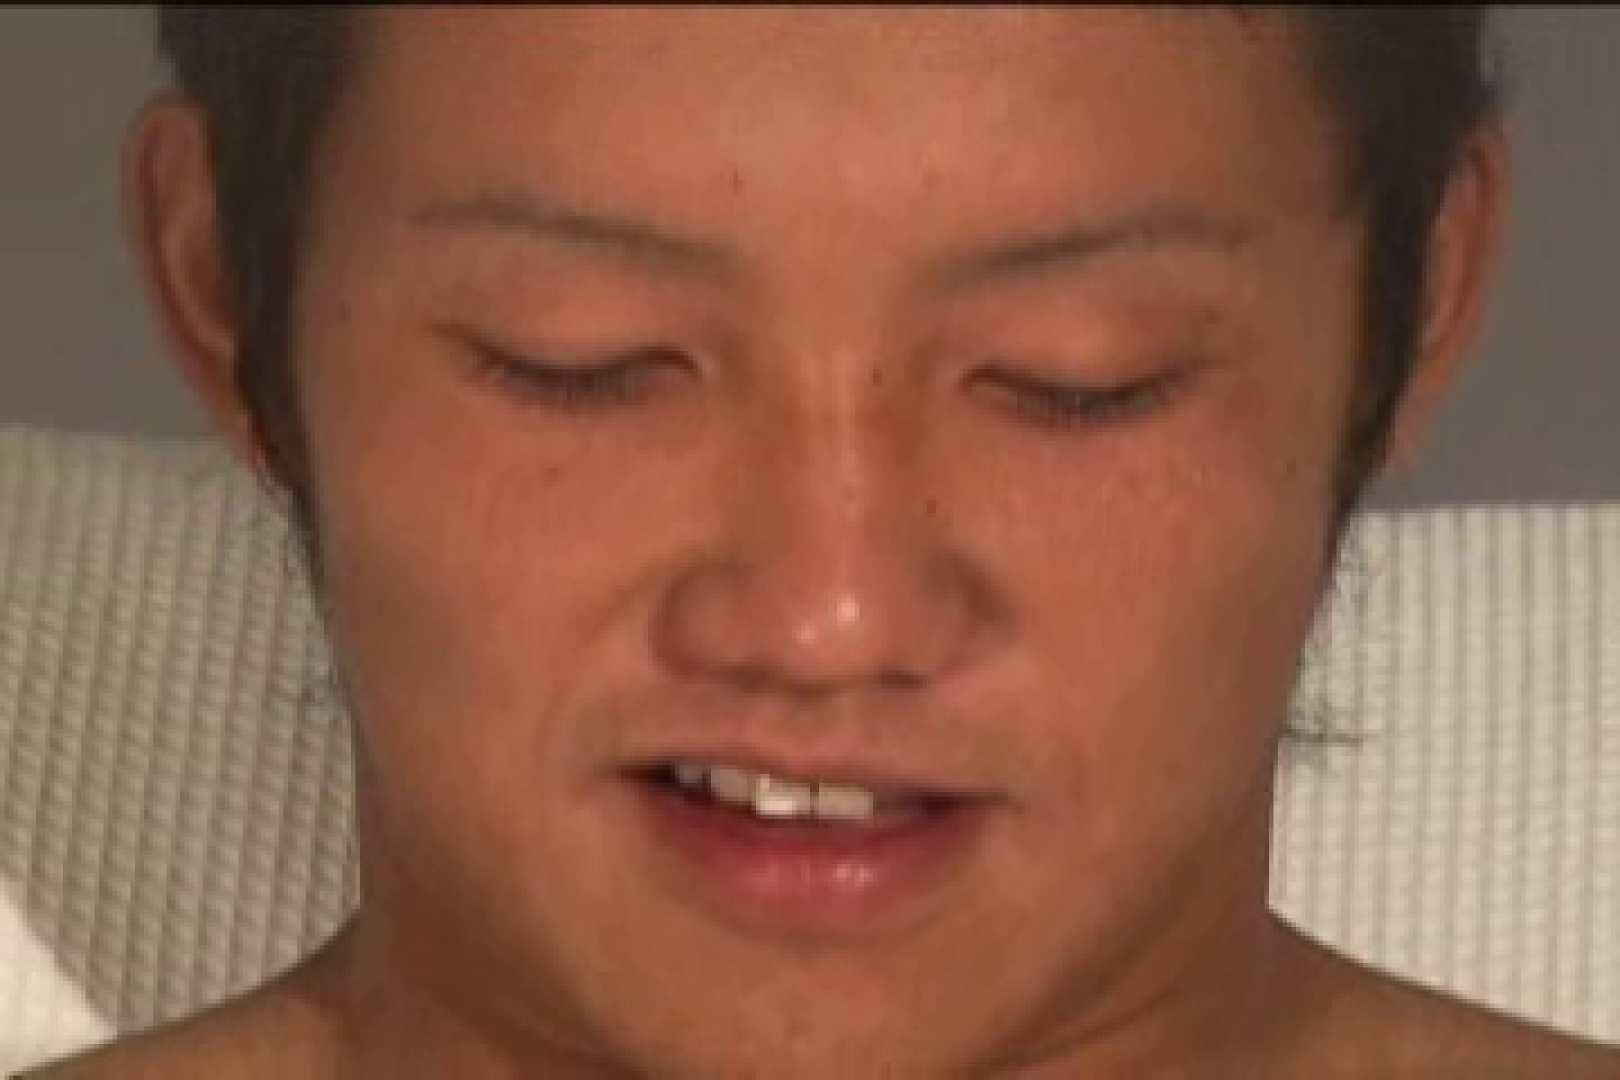 スポMENファック!!反り勃つ男根!!vol.4 ディルドまつり | キスシーン ゲイエロ動画 13連発 1